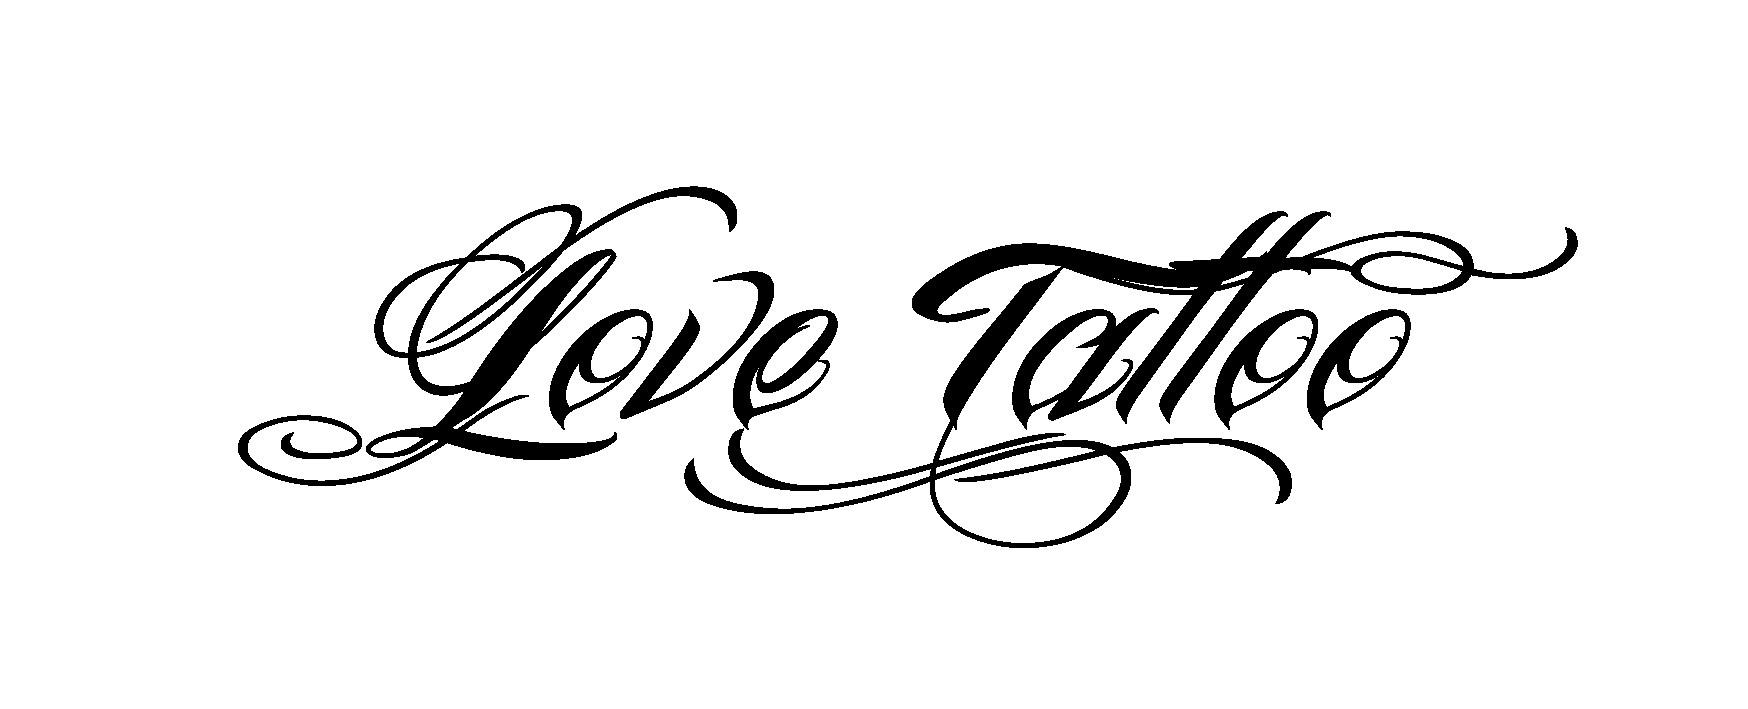 Temporary Tattoo